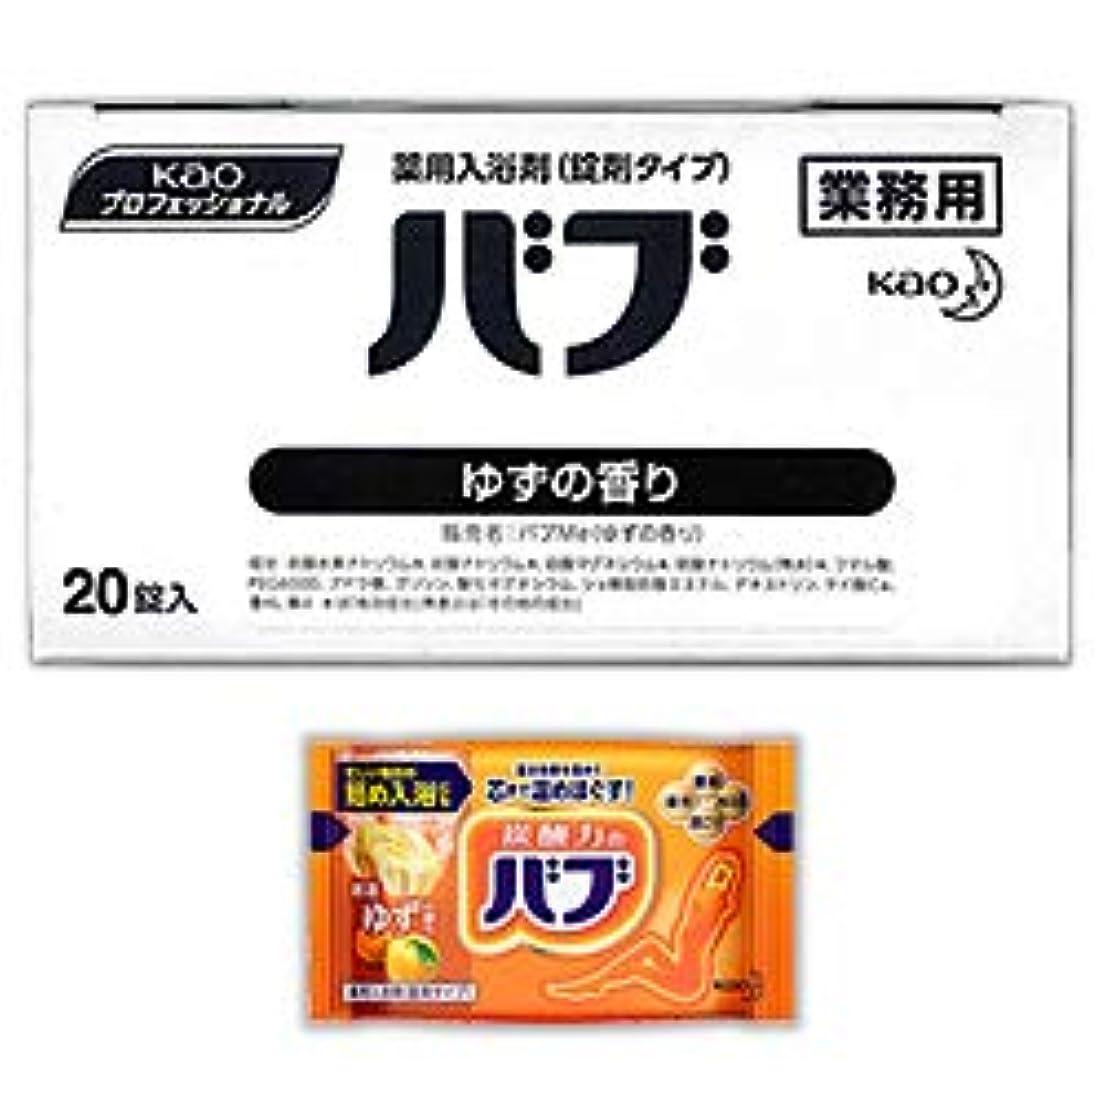 覚醒エクステント動員する【花王】Kaoプロフェッショナル バブ ゆずの香り(業務用) 40g×20錠入 ×4個セット